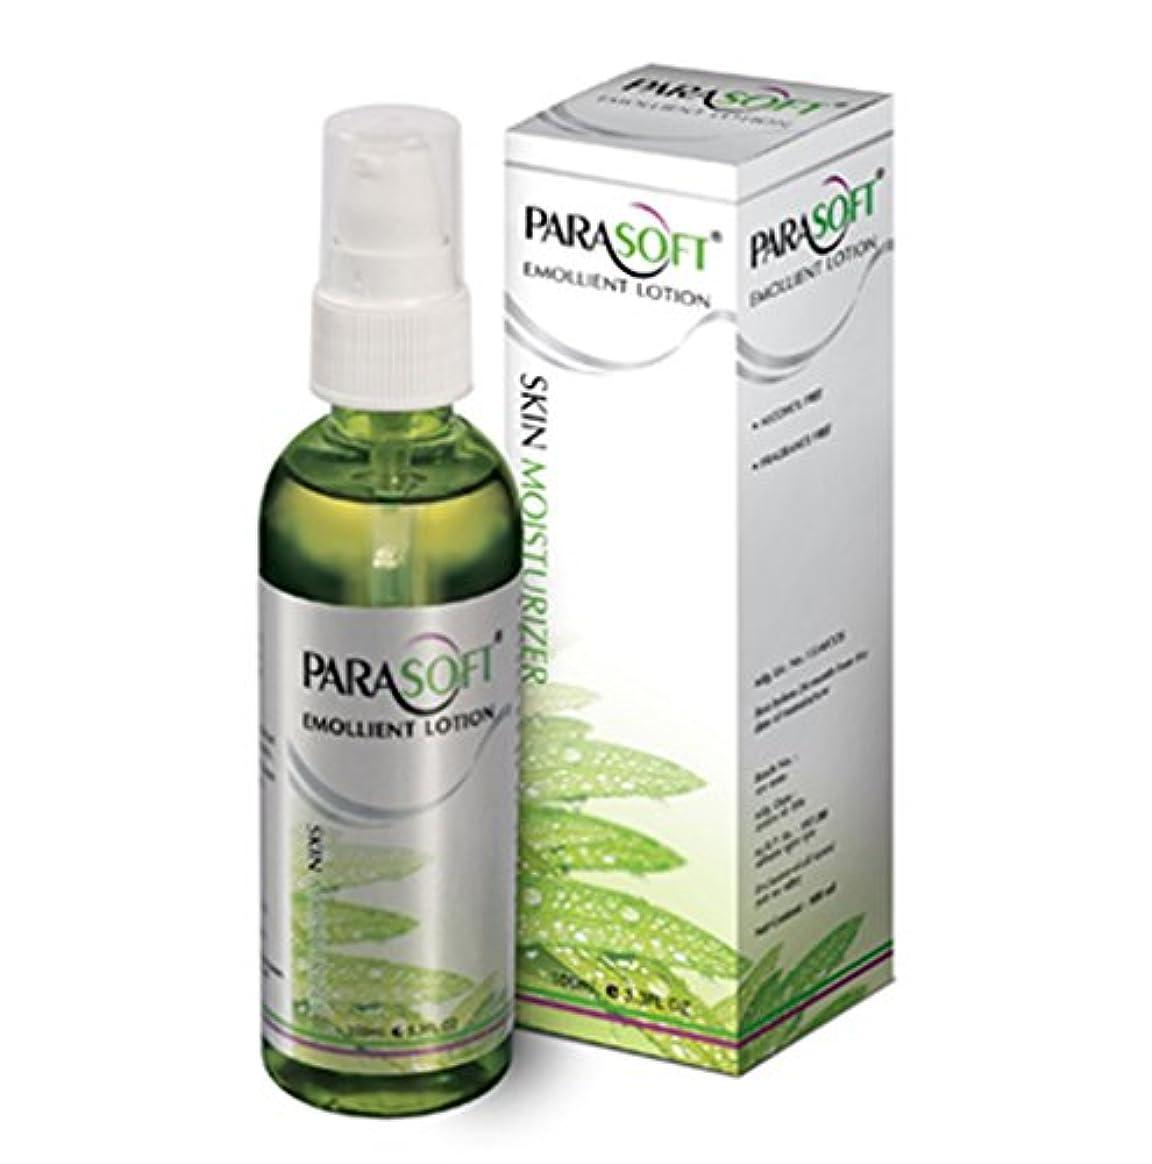 発疹道義務づけるParaffin Lotion Grapeseed, Jojoba, Aloevera, Avocado, Olive Oil Dry Skin 100ml